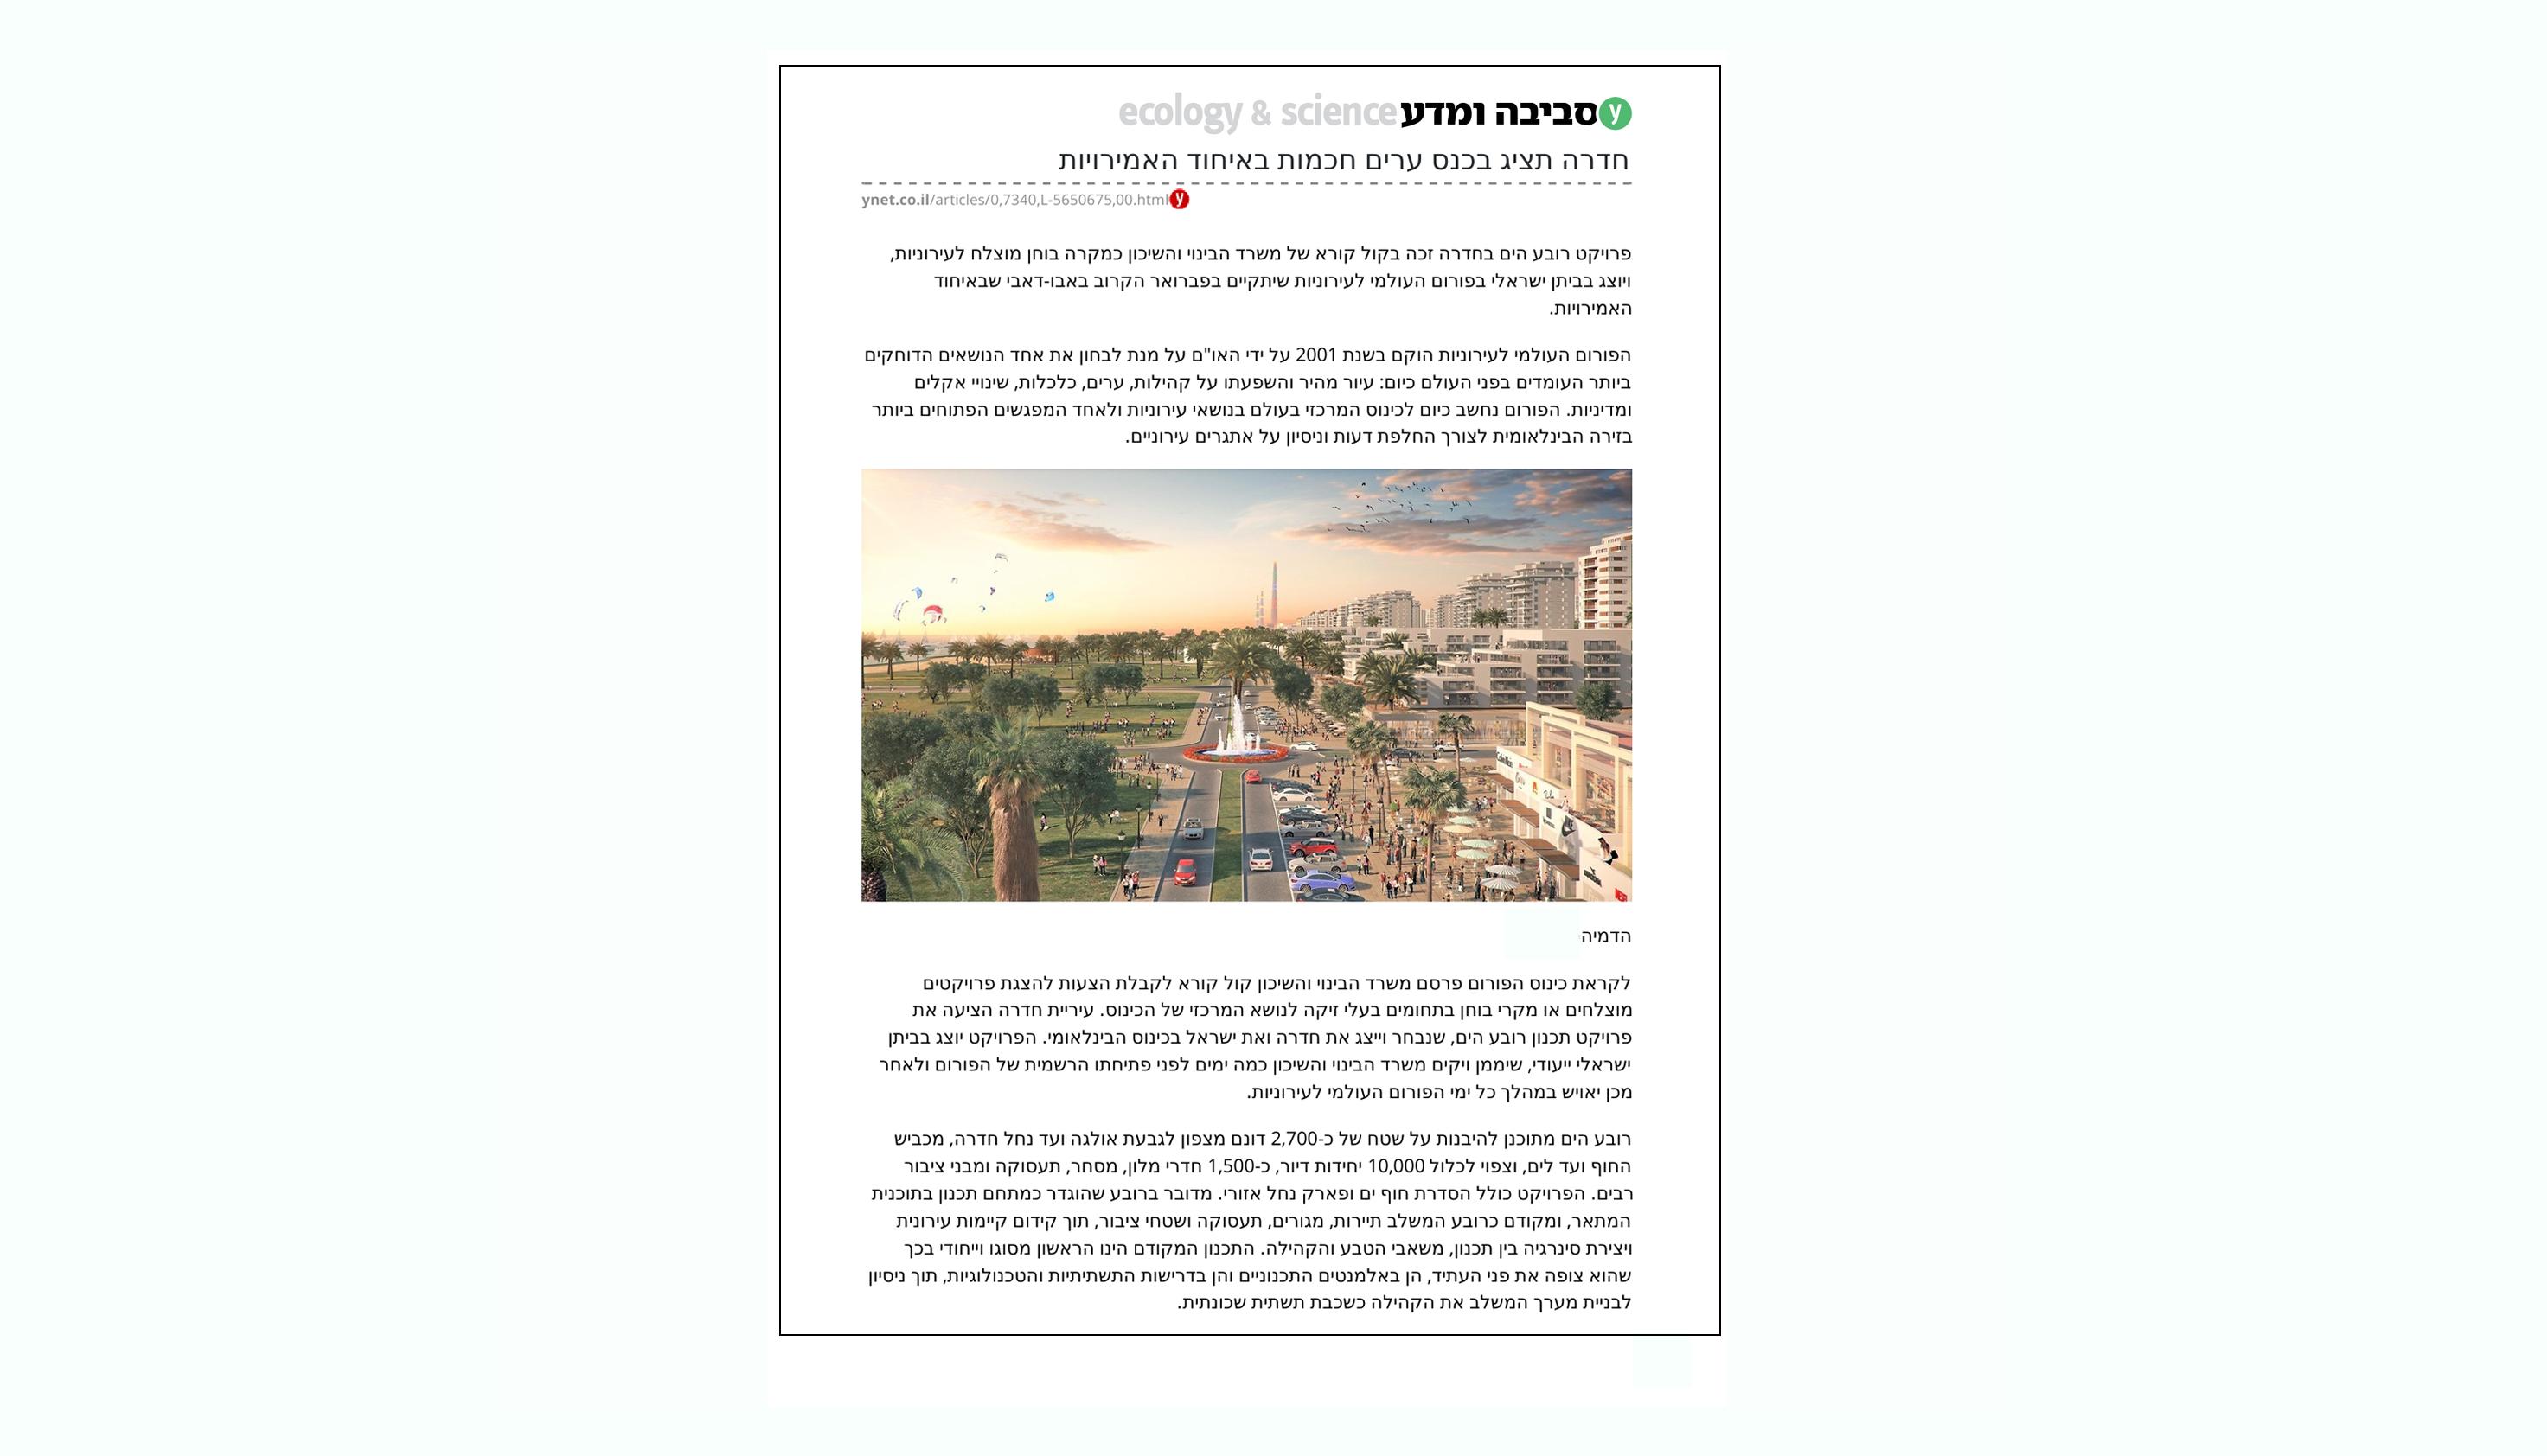 ynet.co.il-חדרה תציג בכנס ערים חכמות באיחוד האמירויות1-edited